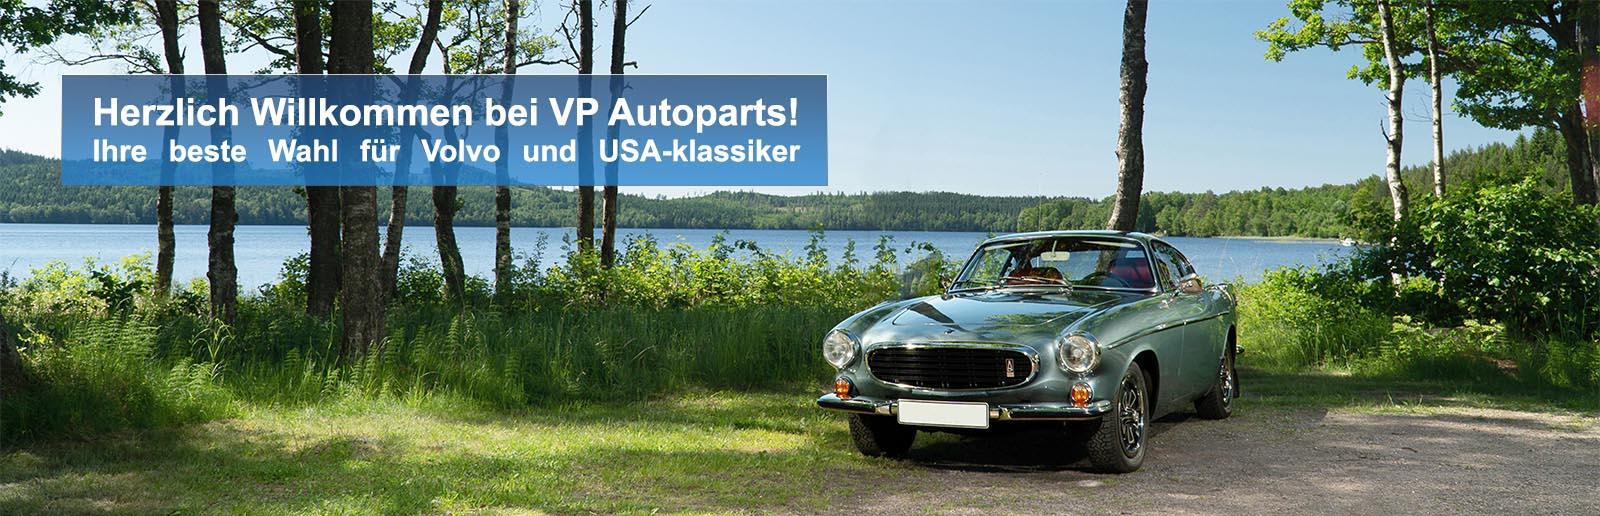 Herzlich Willkommen bei VP Autoparts!